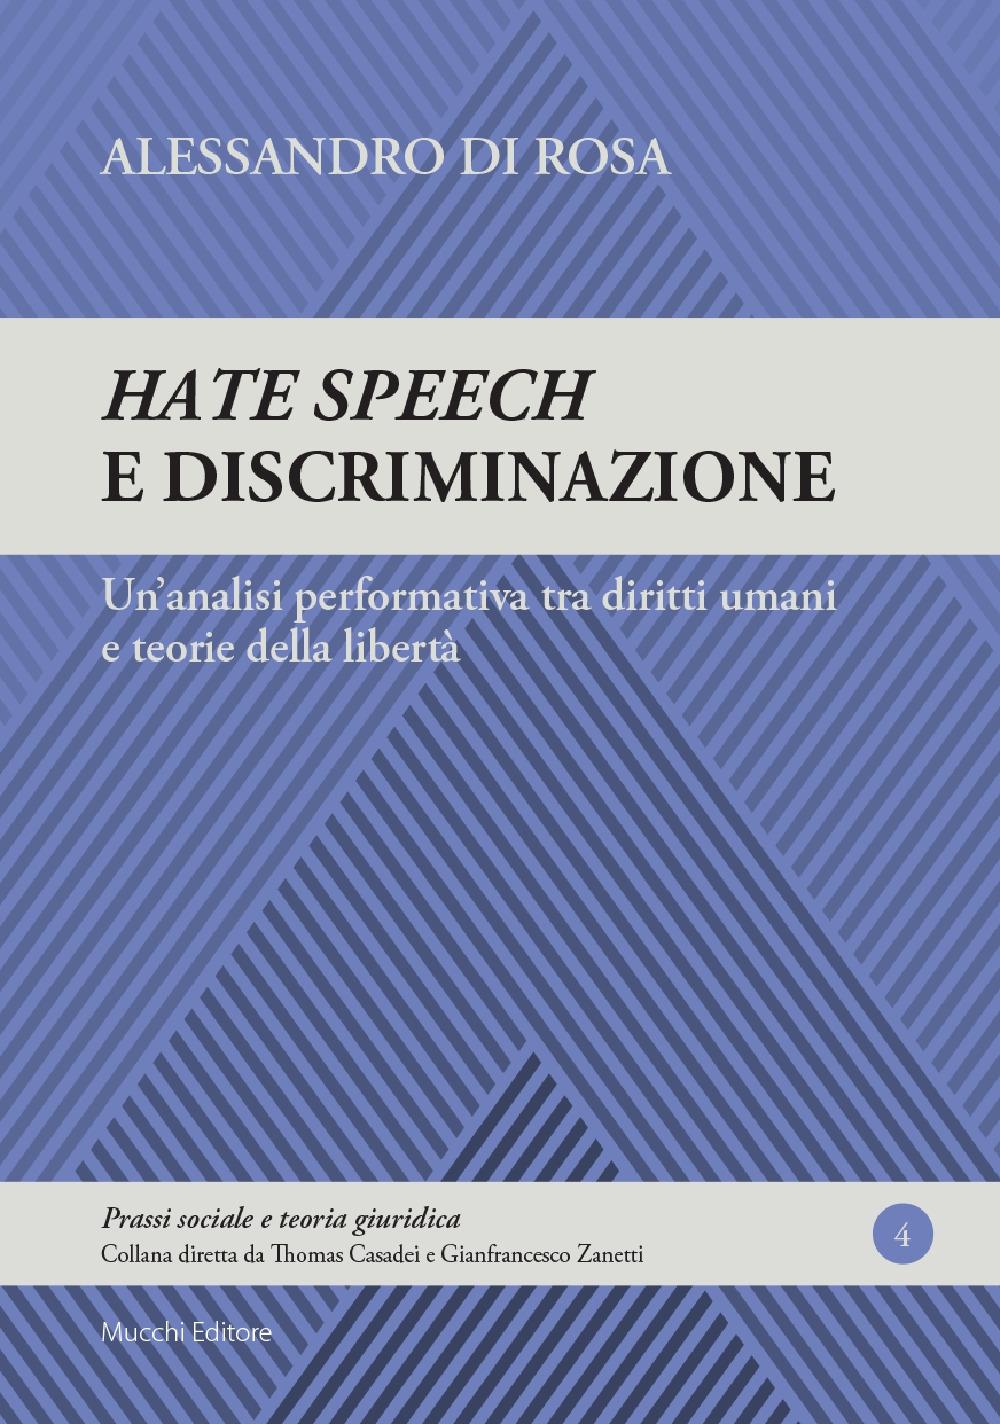 Hate speech e discriminazione. Un'analisi performativa tra diritti umani e teorie della libertà